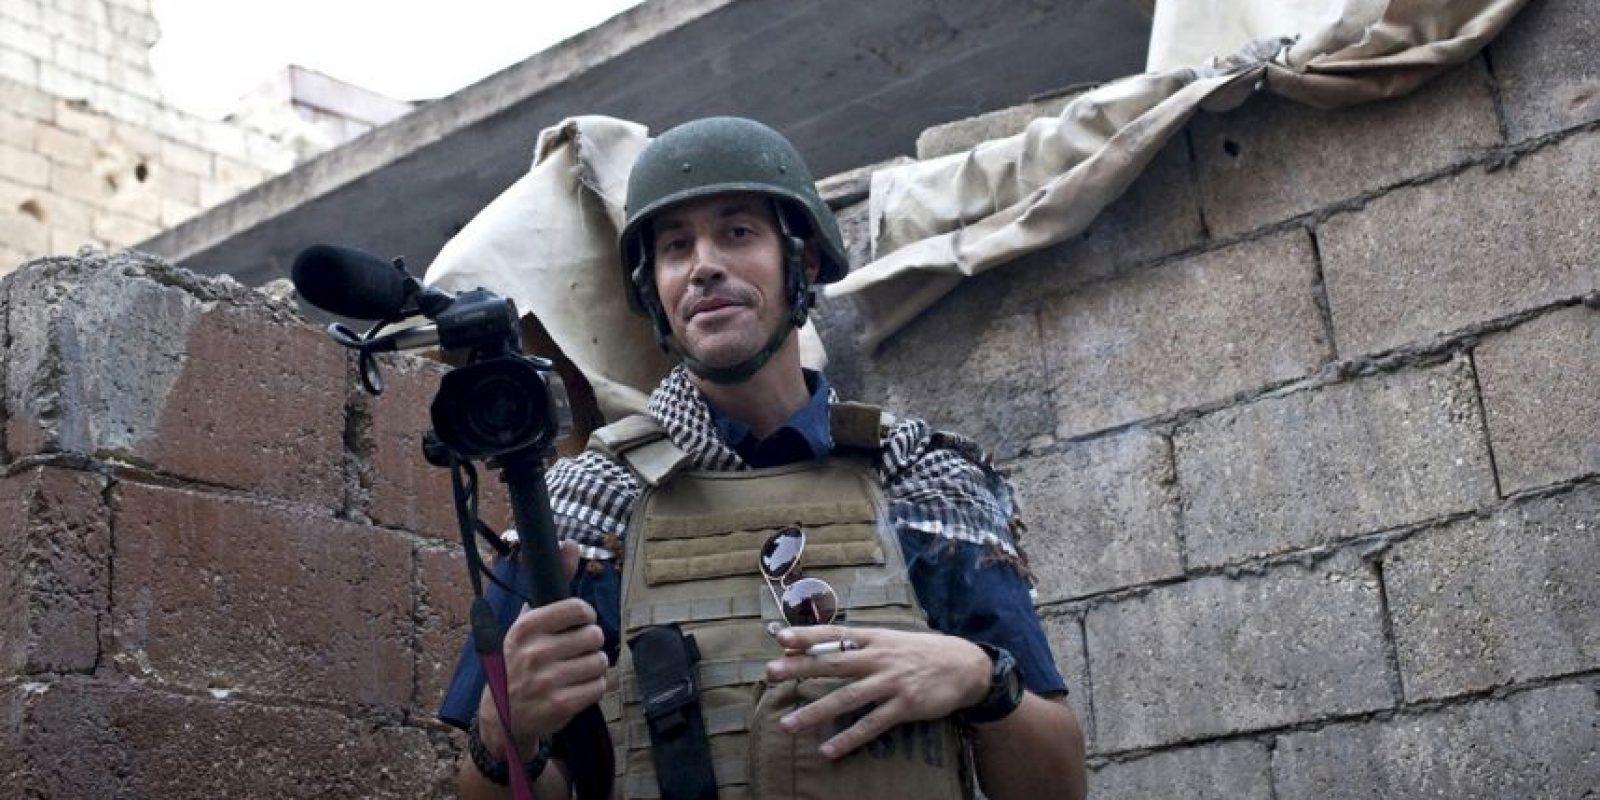 La primera víctima de ISIS cuyo video de decapitación fue divulgado en Internet. Foto:AP